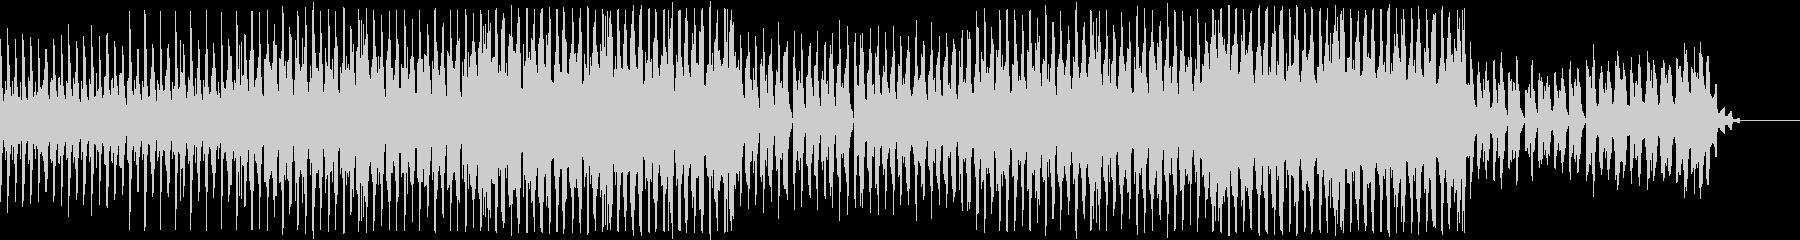 実験 サイエンス ジオグラフィックの未再生の波形